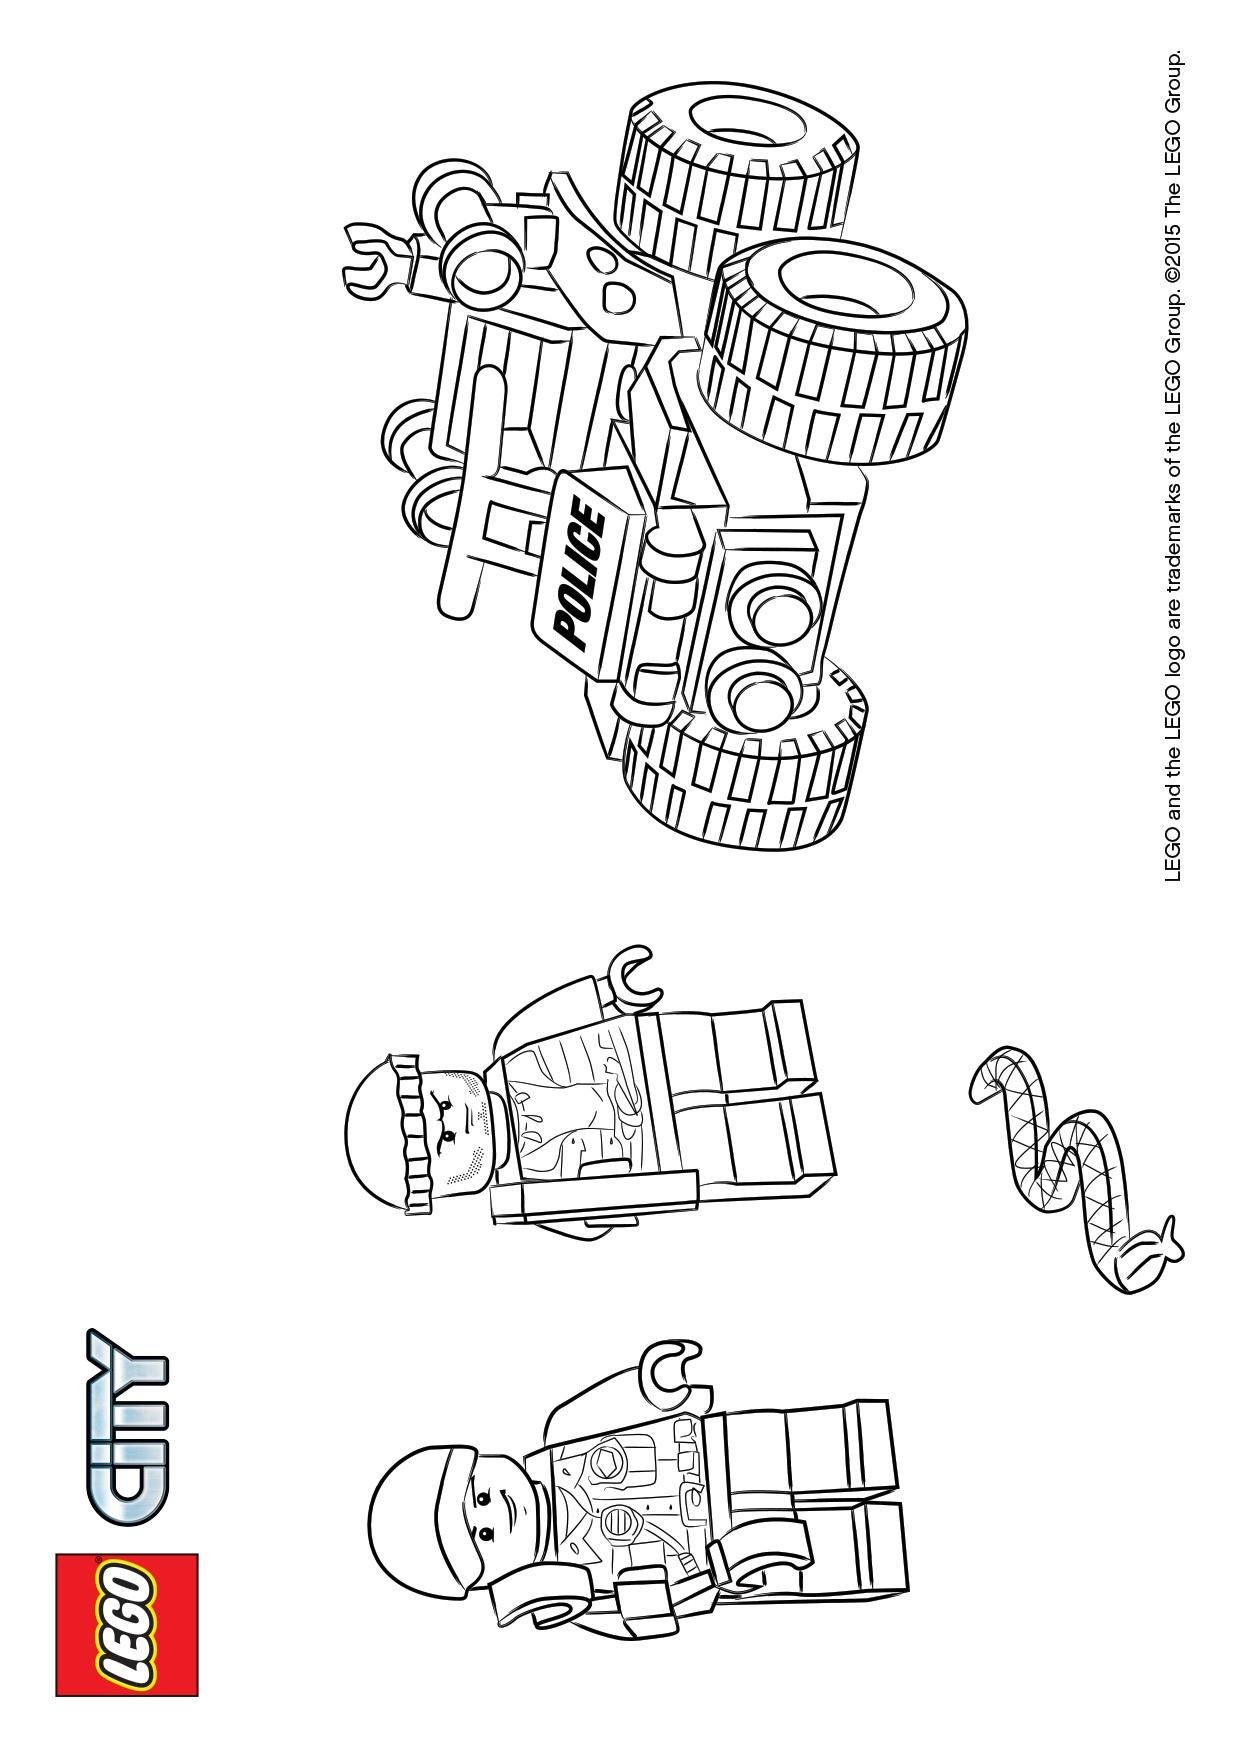 Lego city Malvorlagen - Malvorlagen10.de